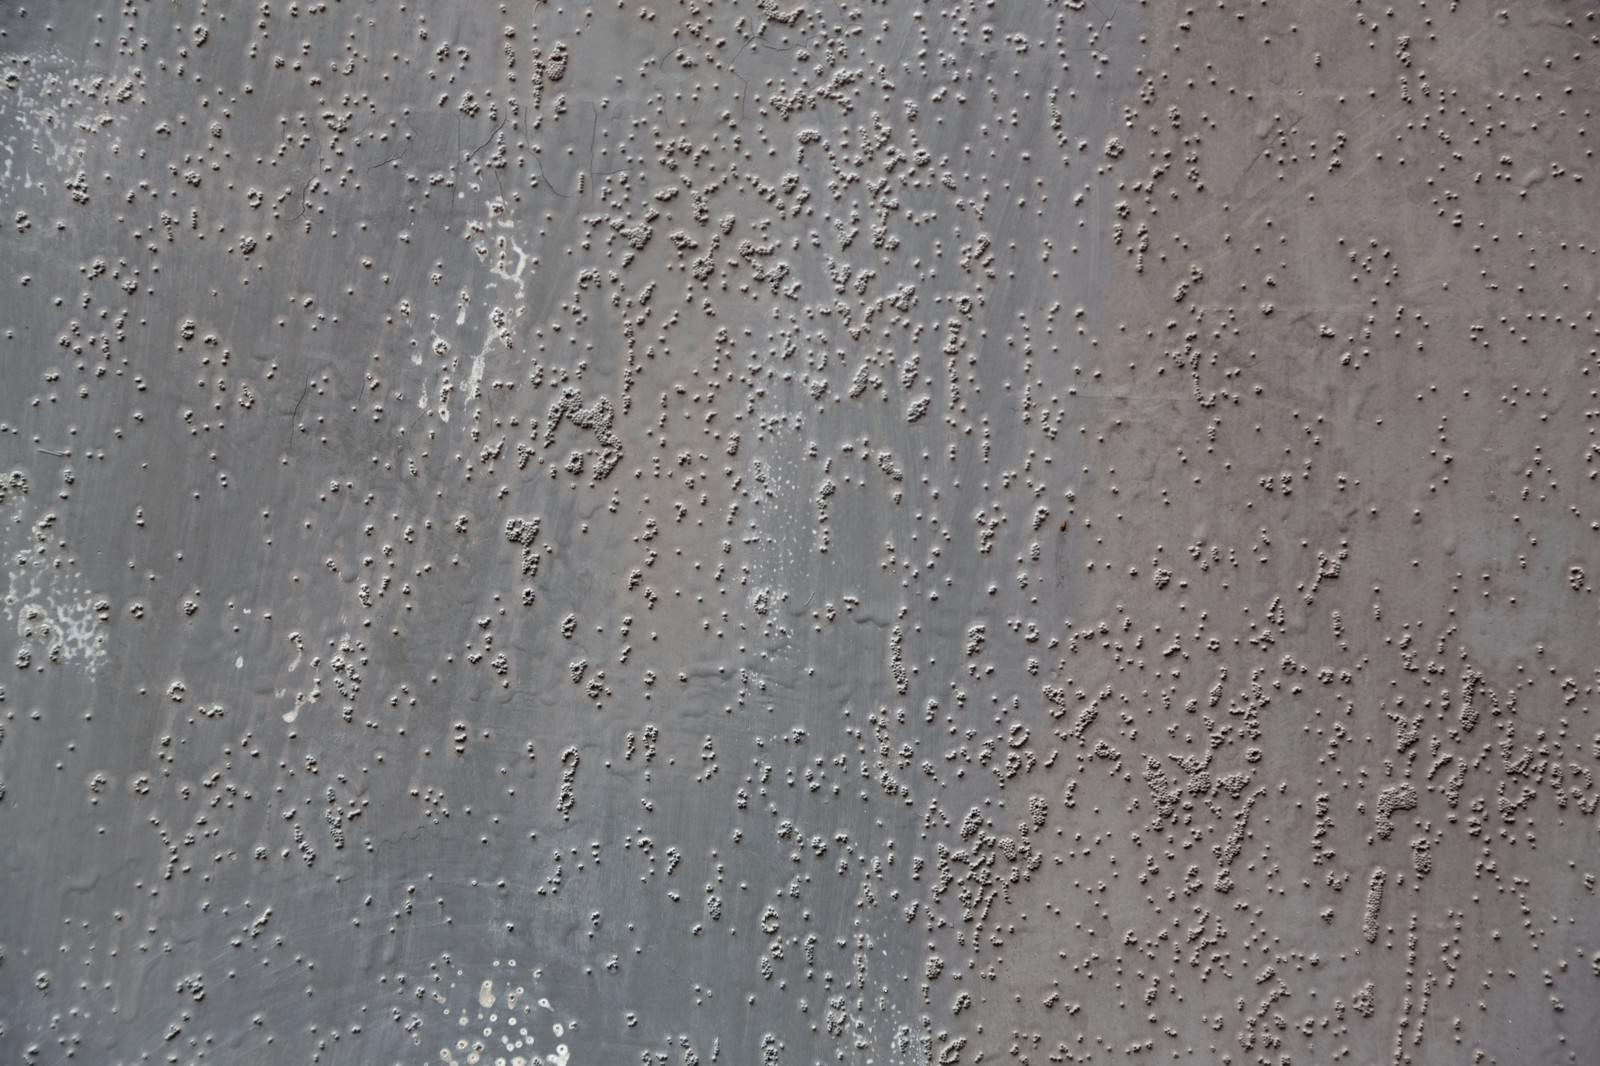 「ぶつぶつした壁」の写真